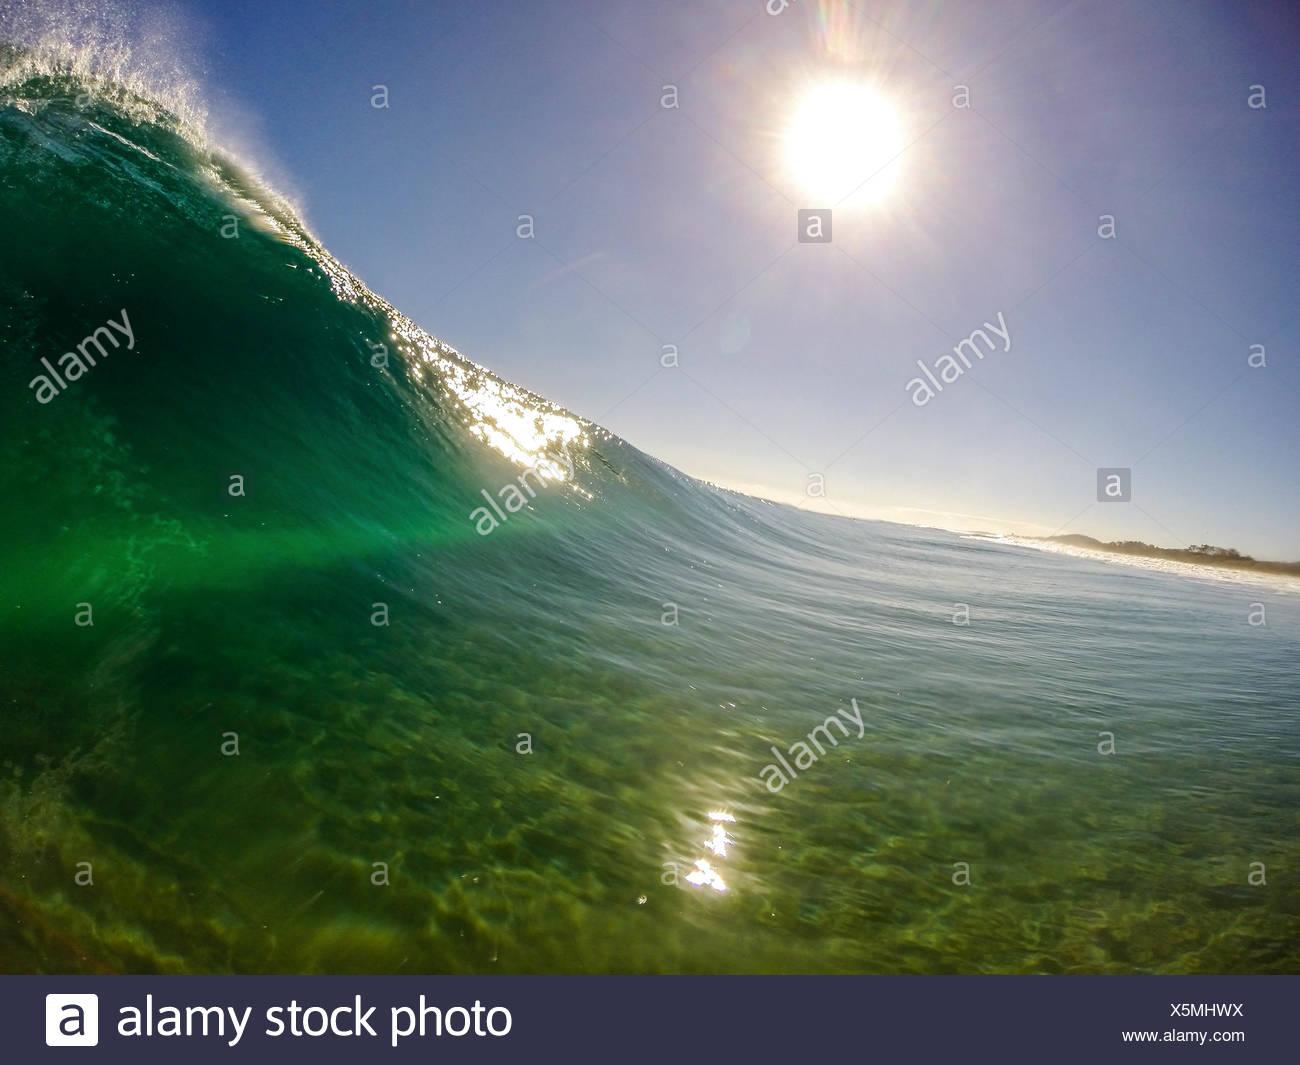 L'Australie, Nouvelle Galles du Sud, vague sur la plage des Roches Noires Photo Stock